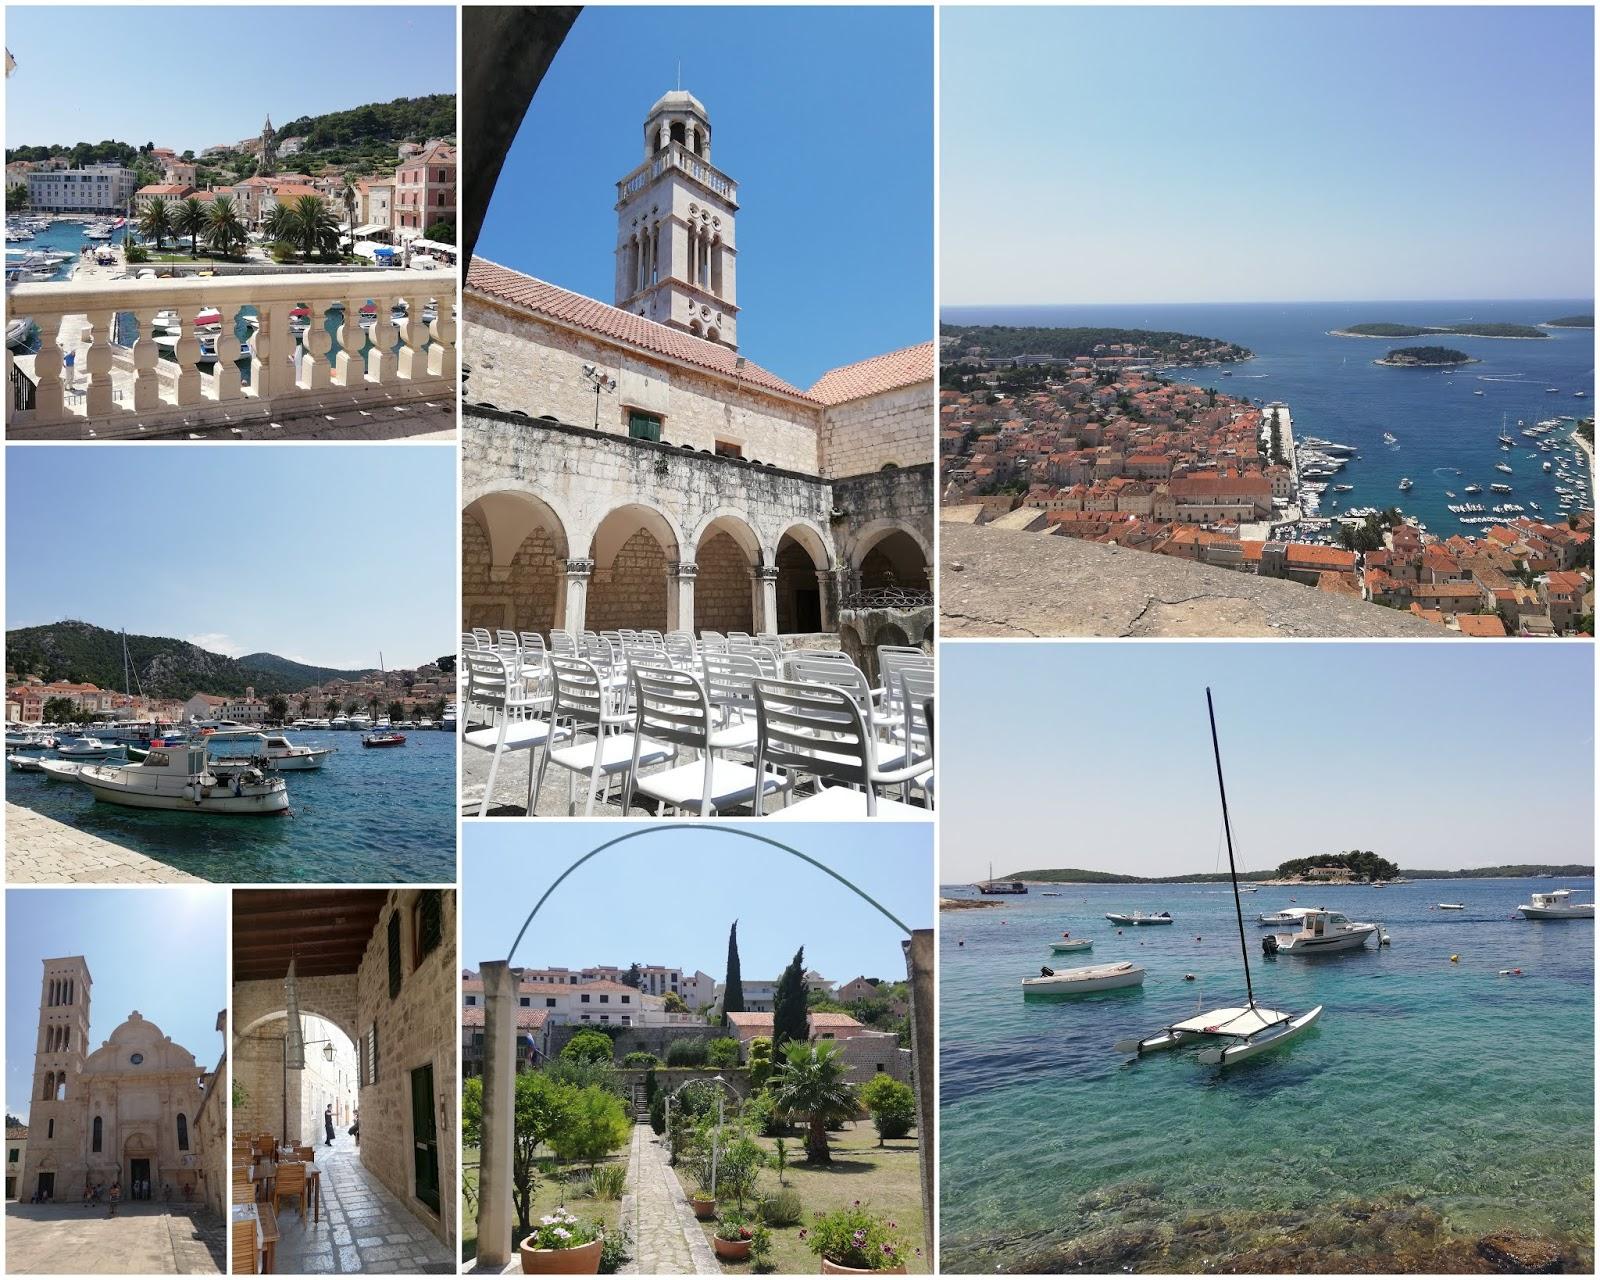 Pourlopowo: Chorwacja  - Hvar (miasto) na Wyspie Hvar. Fotorelacja.